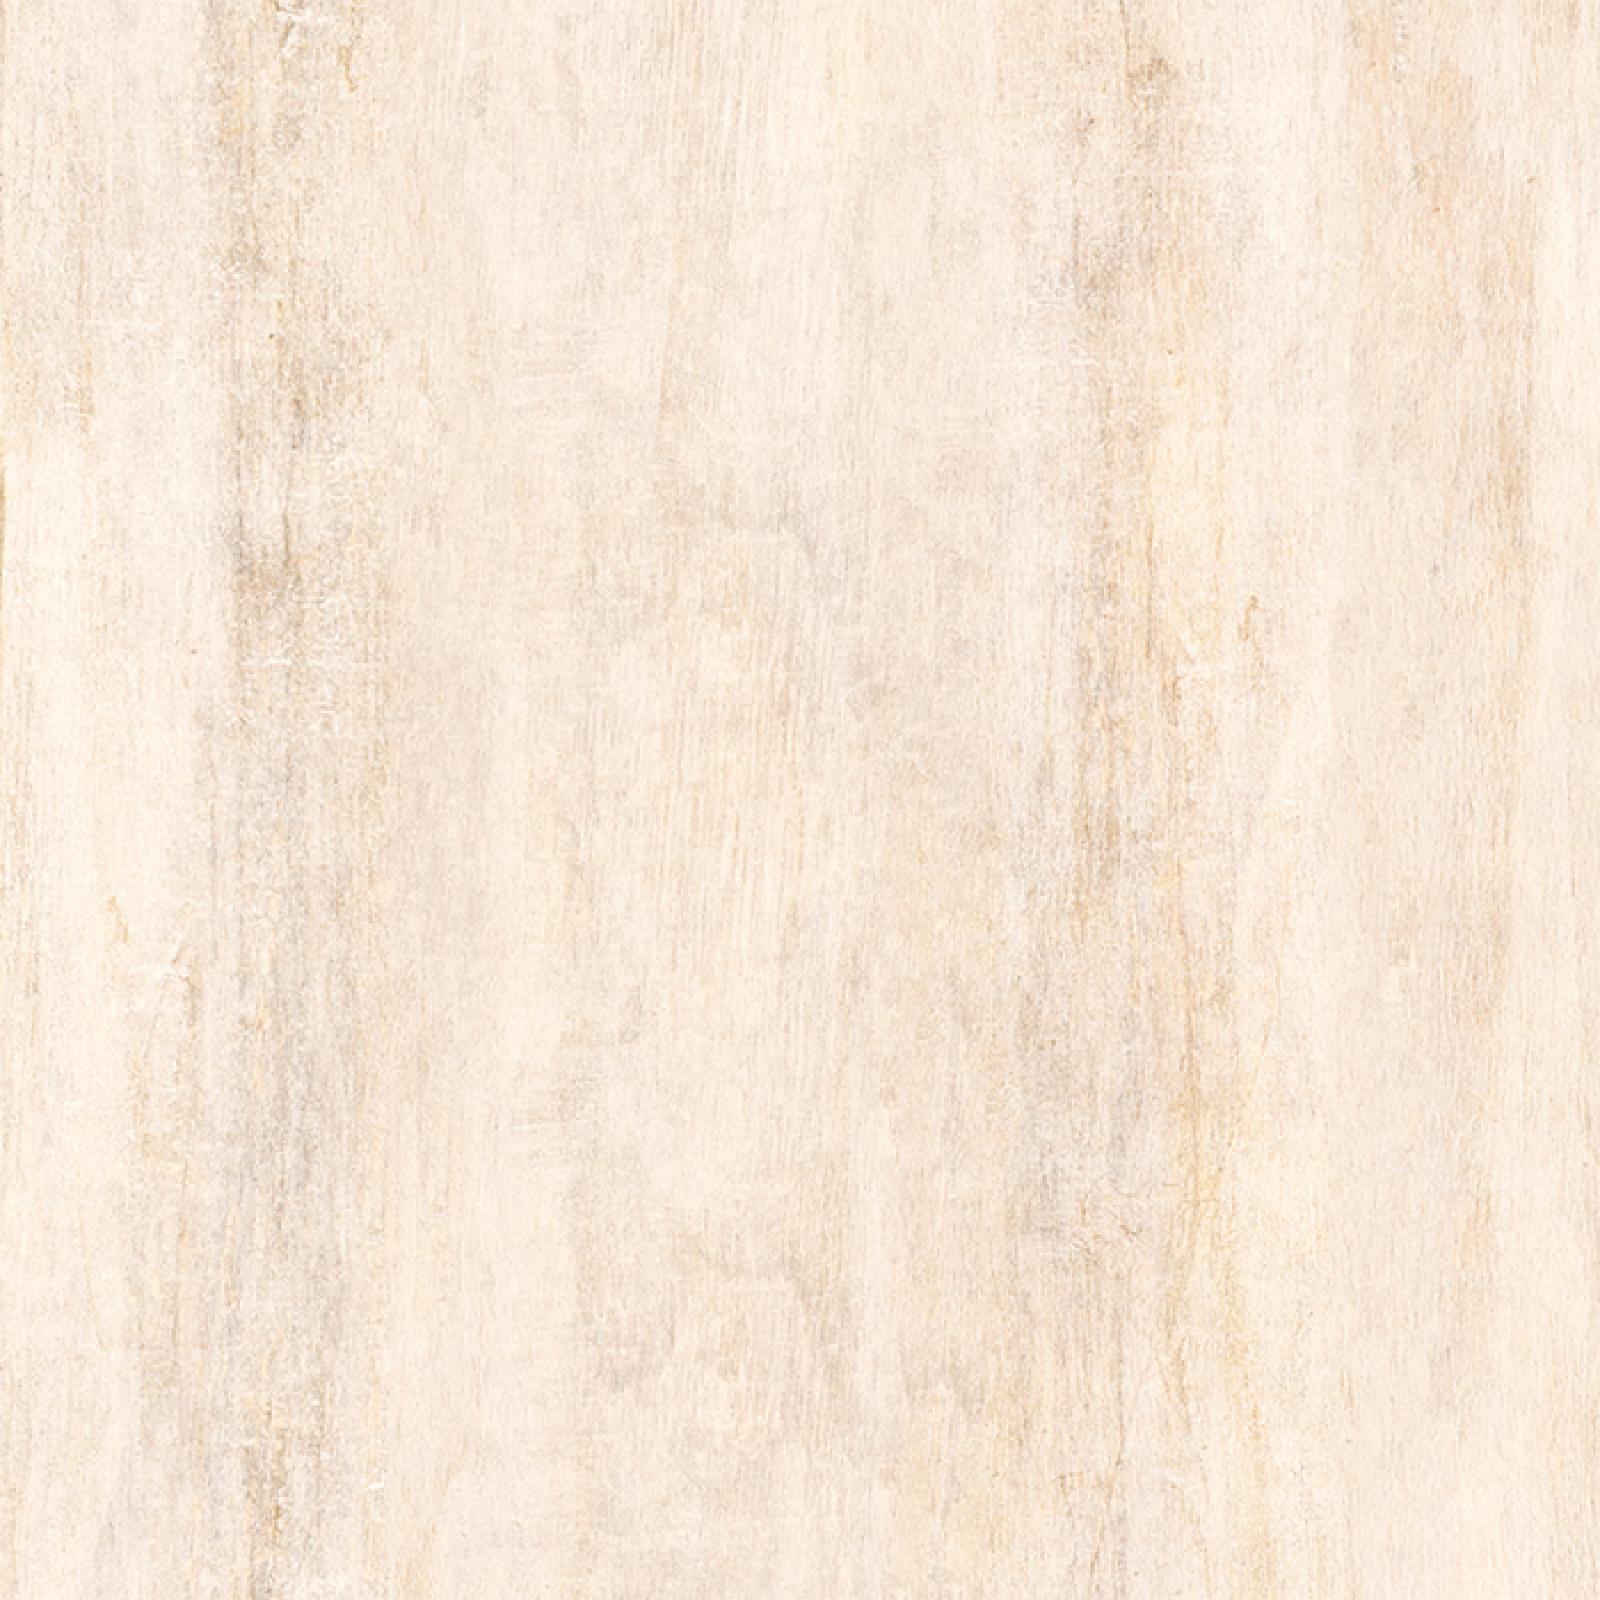 PISO 57x57cm 57030 PI4 cx2,60m² INCEFRA